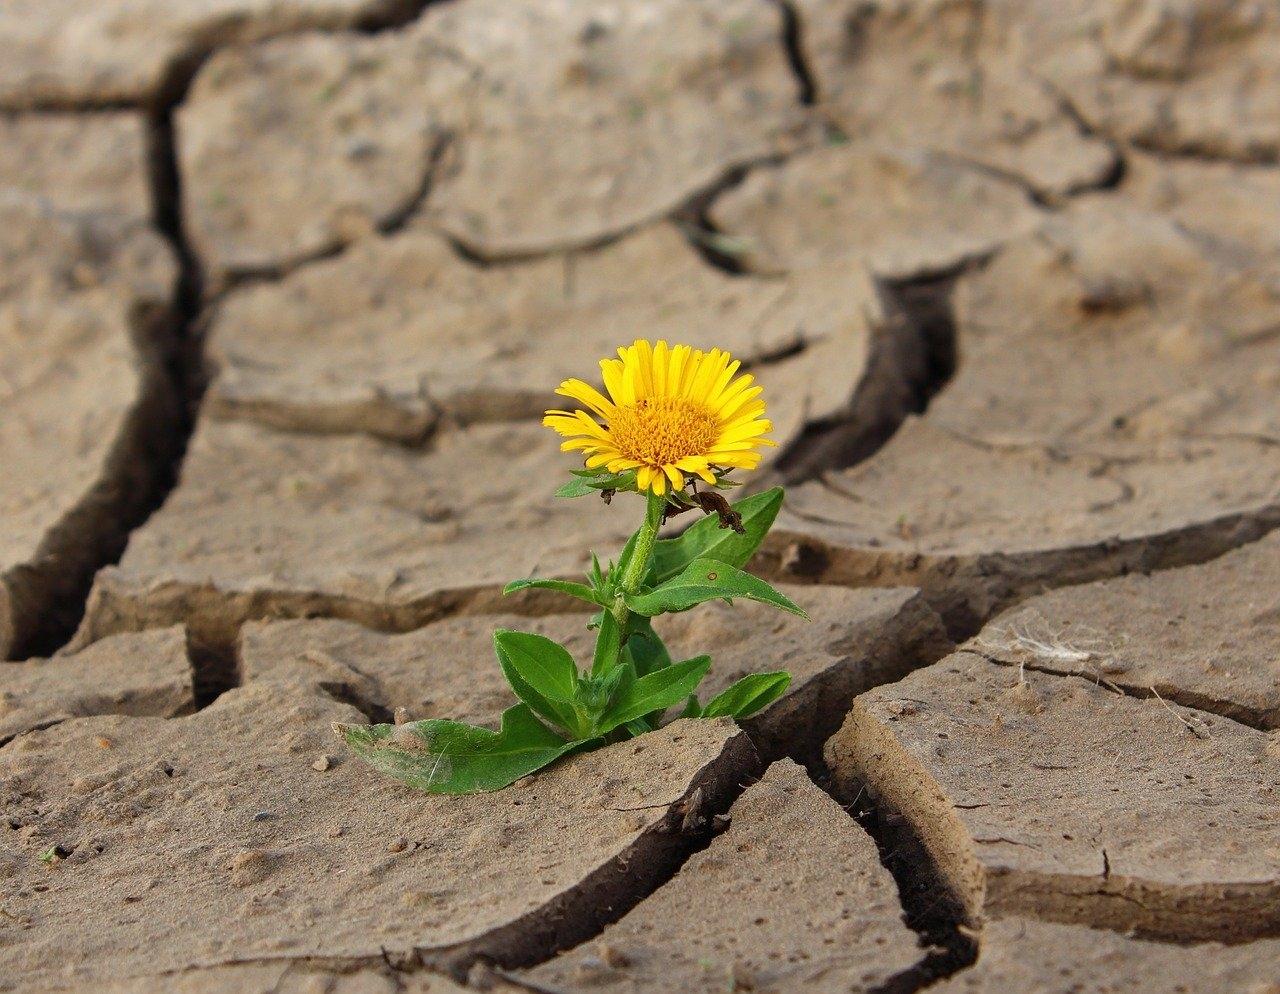 土地荒漠化和干旱是人类急需面对的问题之一